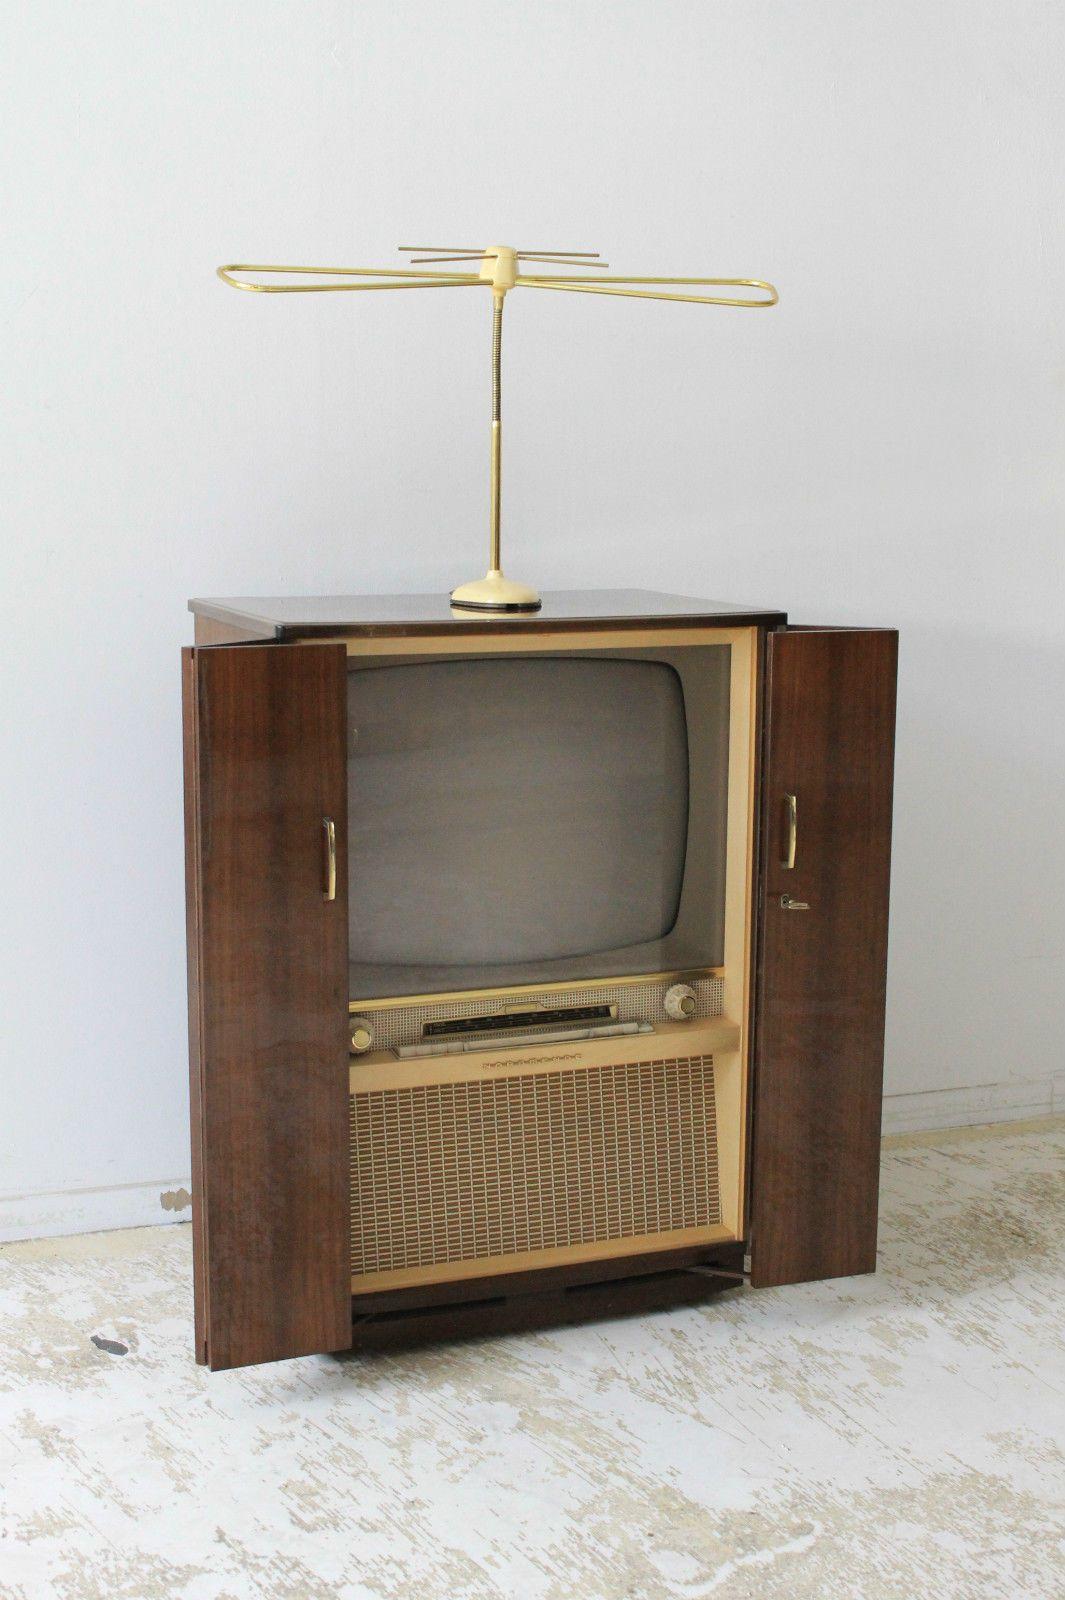 Malerisch Fernseher Schrank Foto Von Fernseh Nordmende SouverÄn Vintage 60s Tv Radio